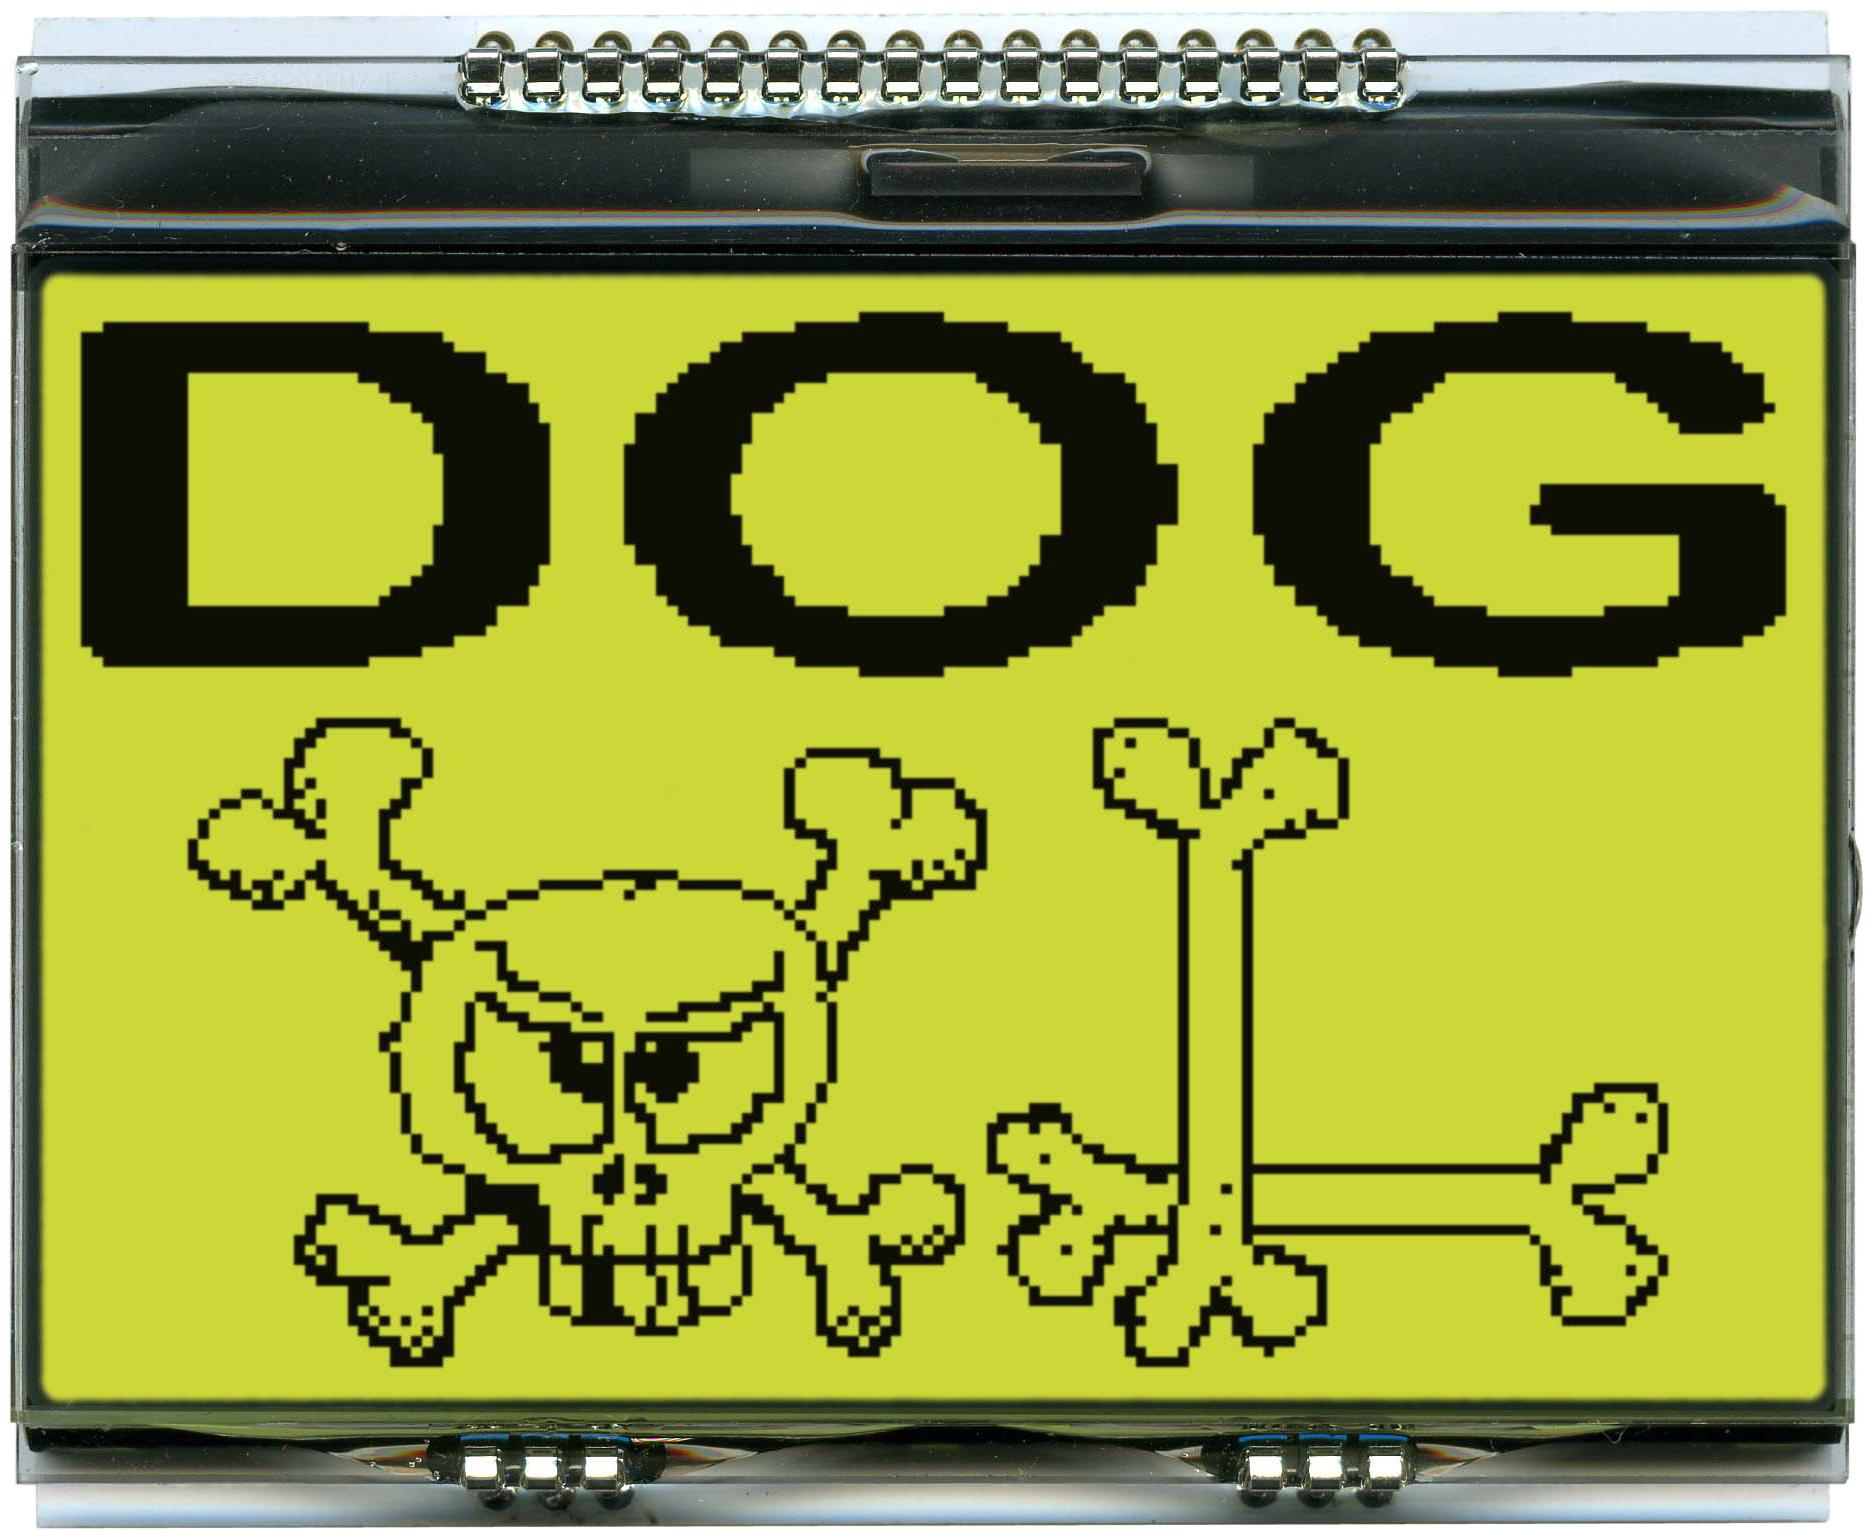 160x104 DOG Grafikdisplay, STN gelb/grün